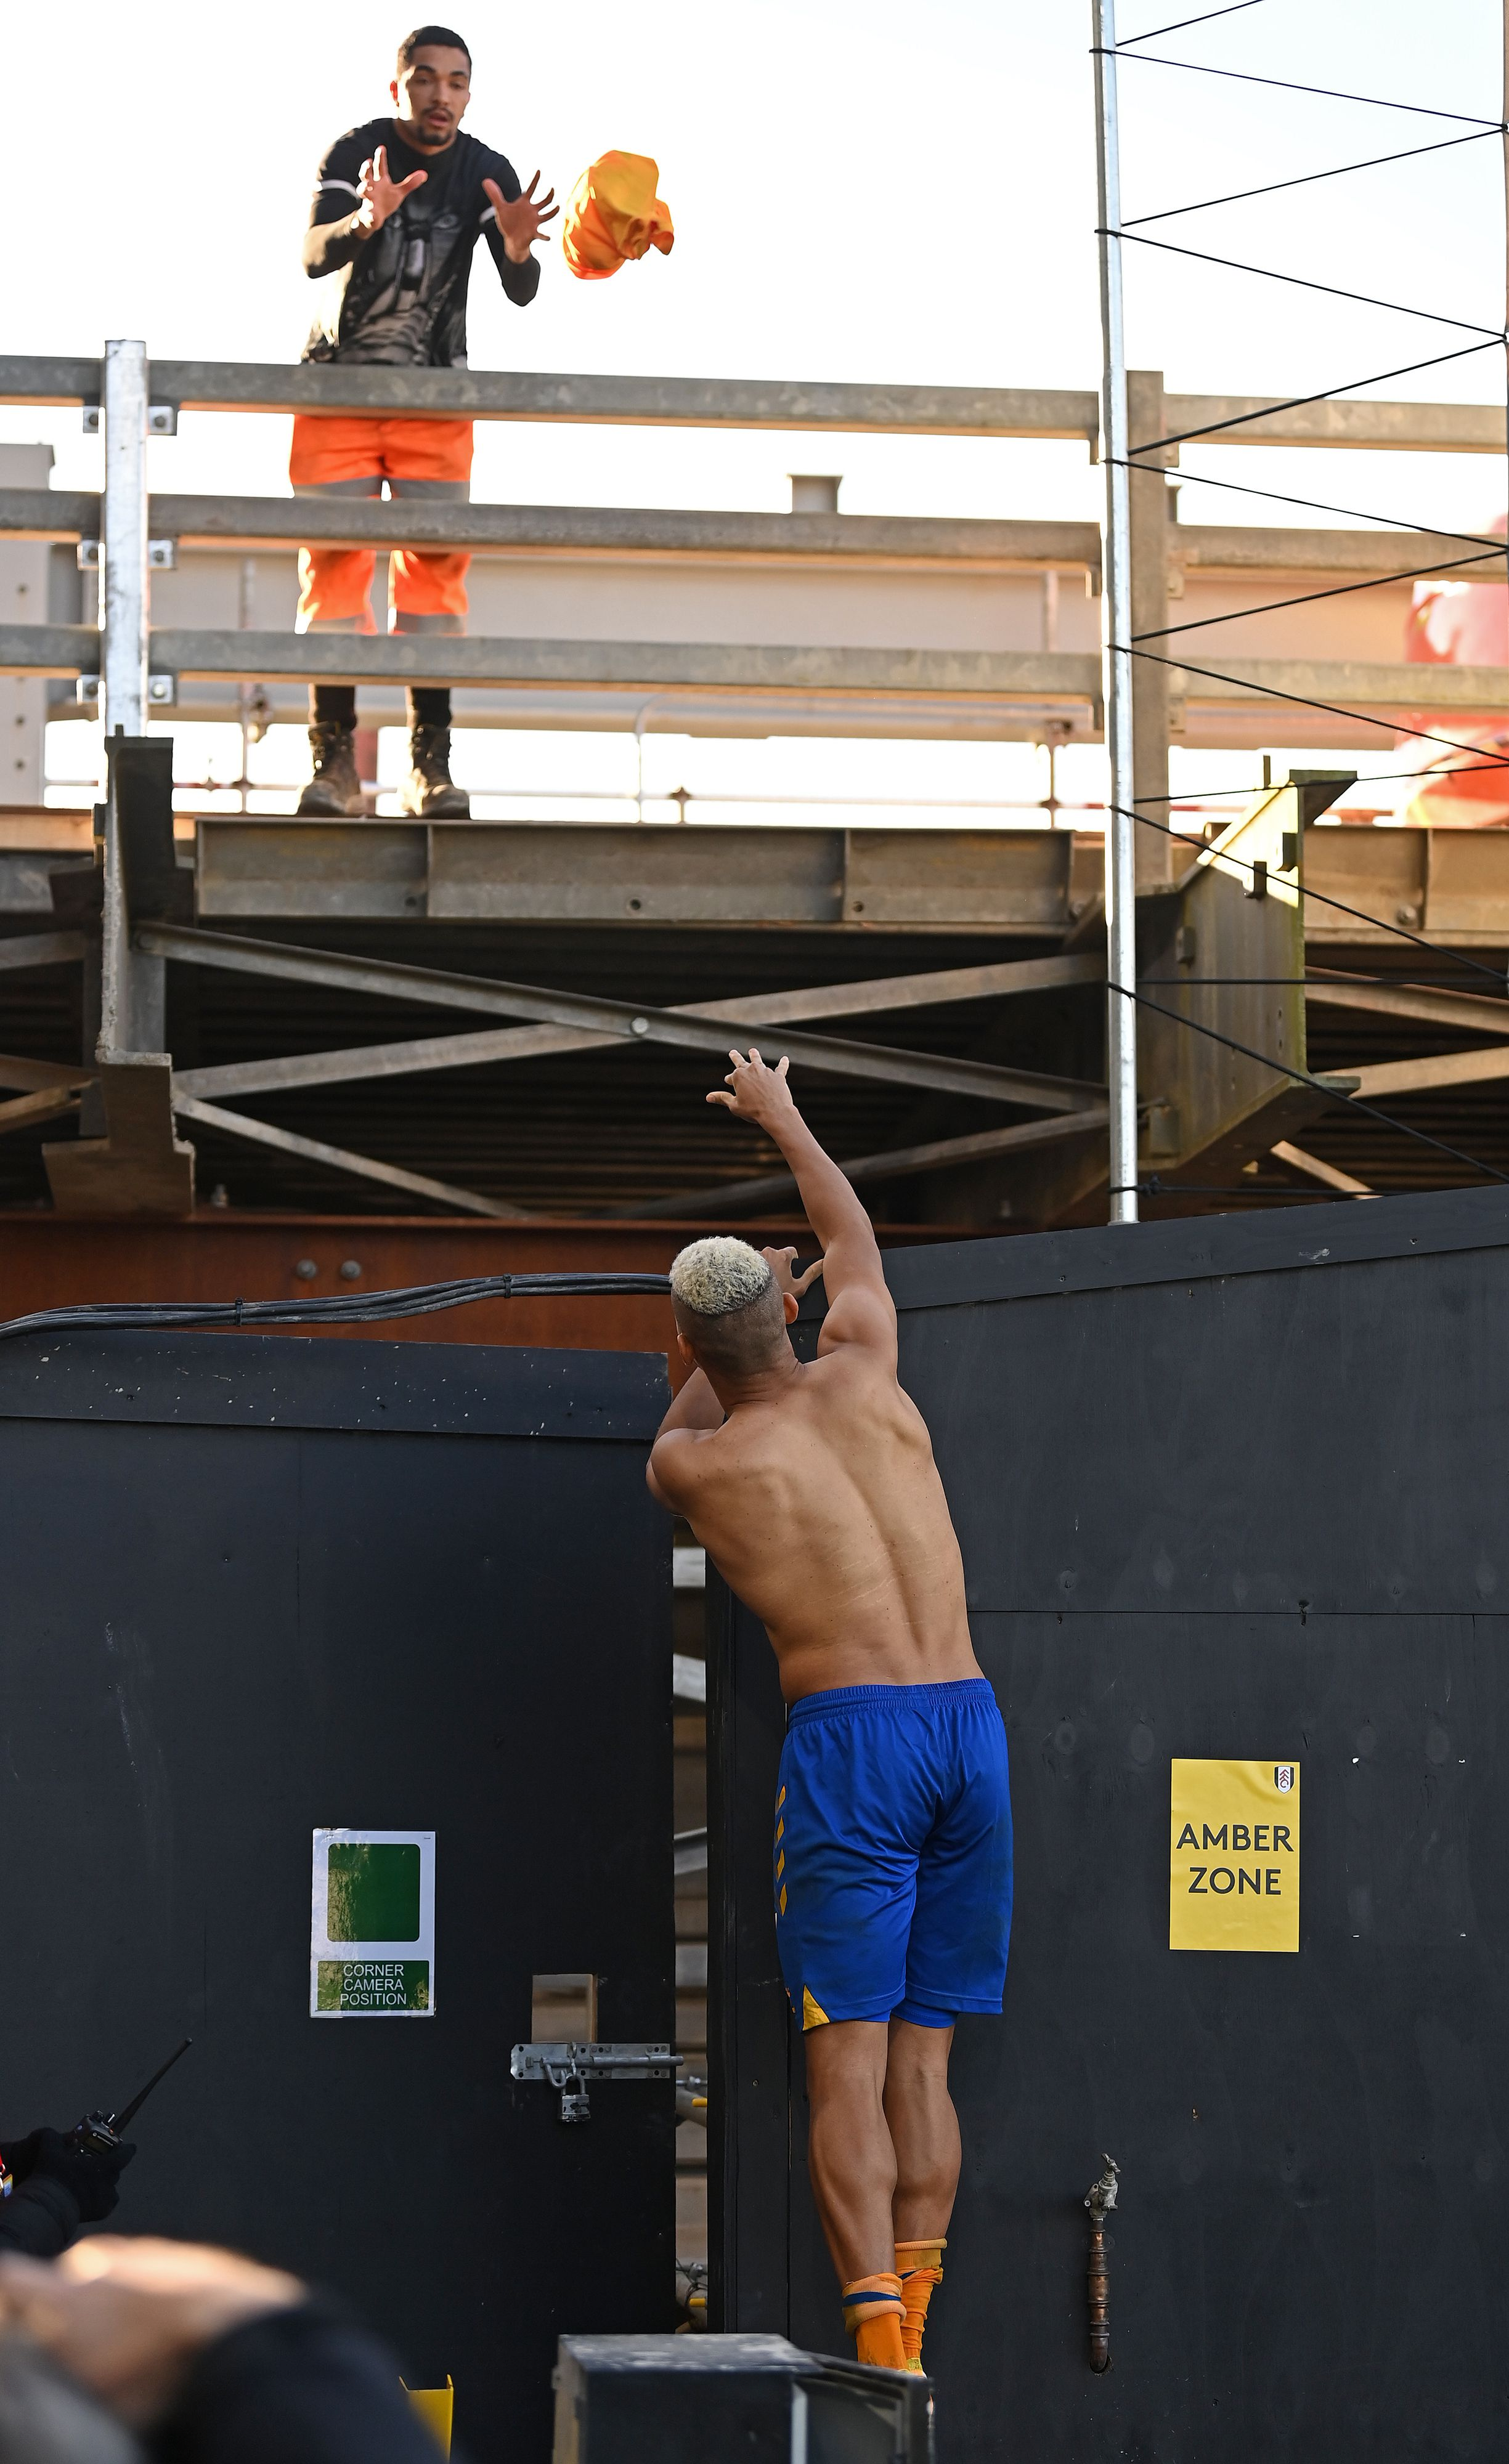 El momento en que Richarlison le lanza su camiseta a un obrero. (Foto: AFP)